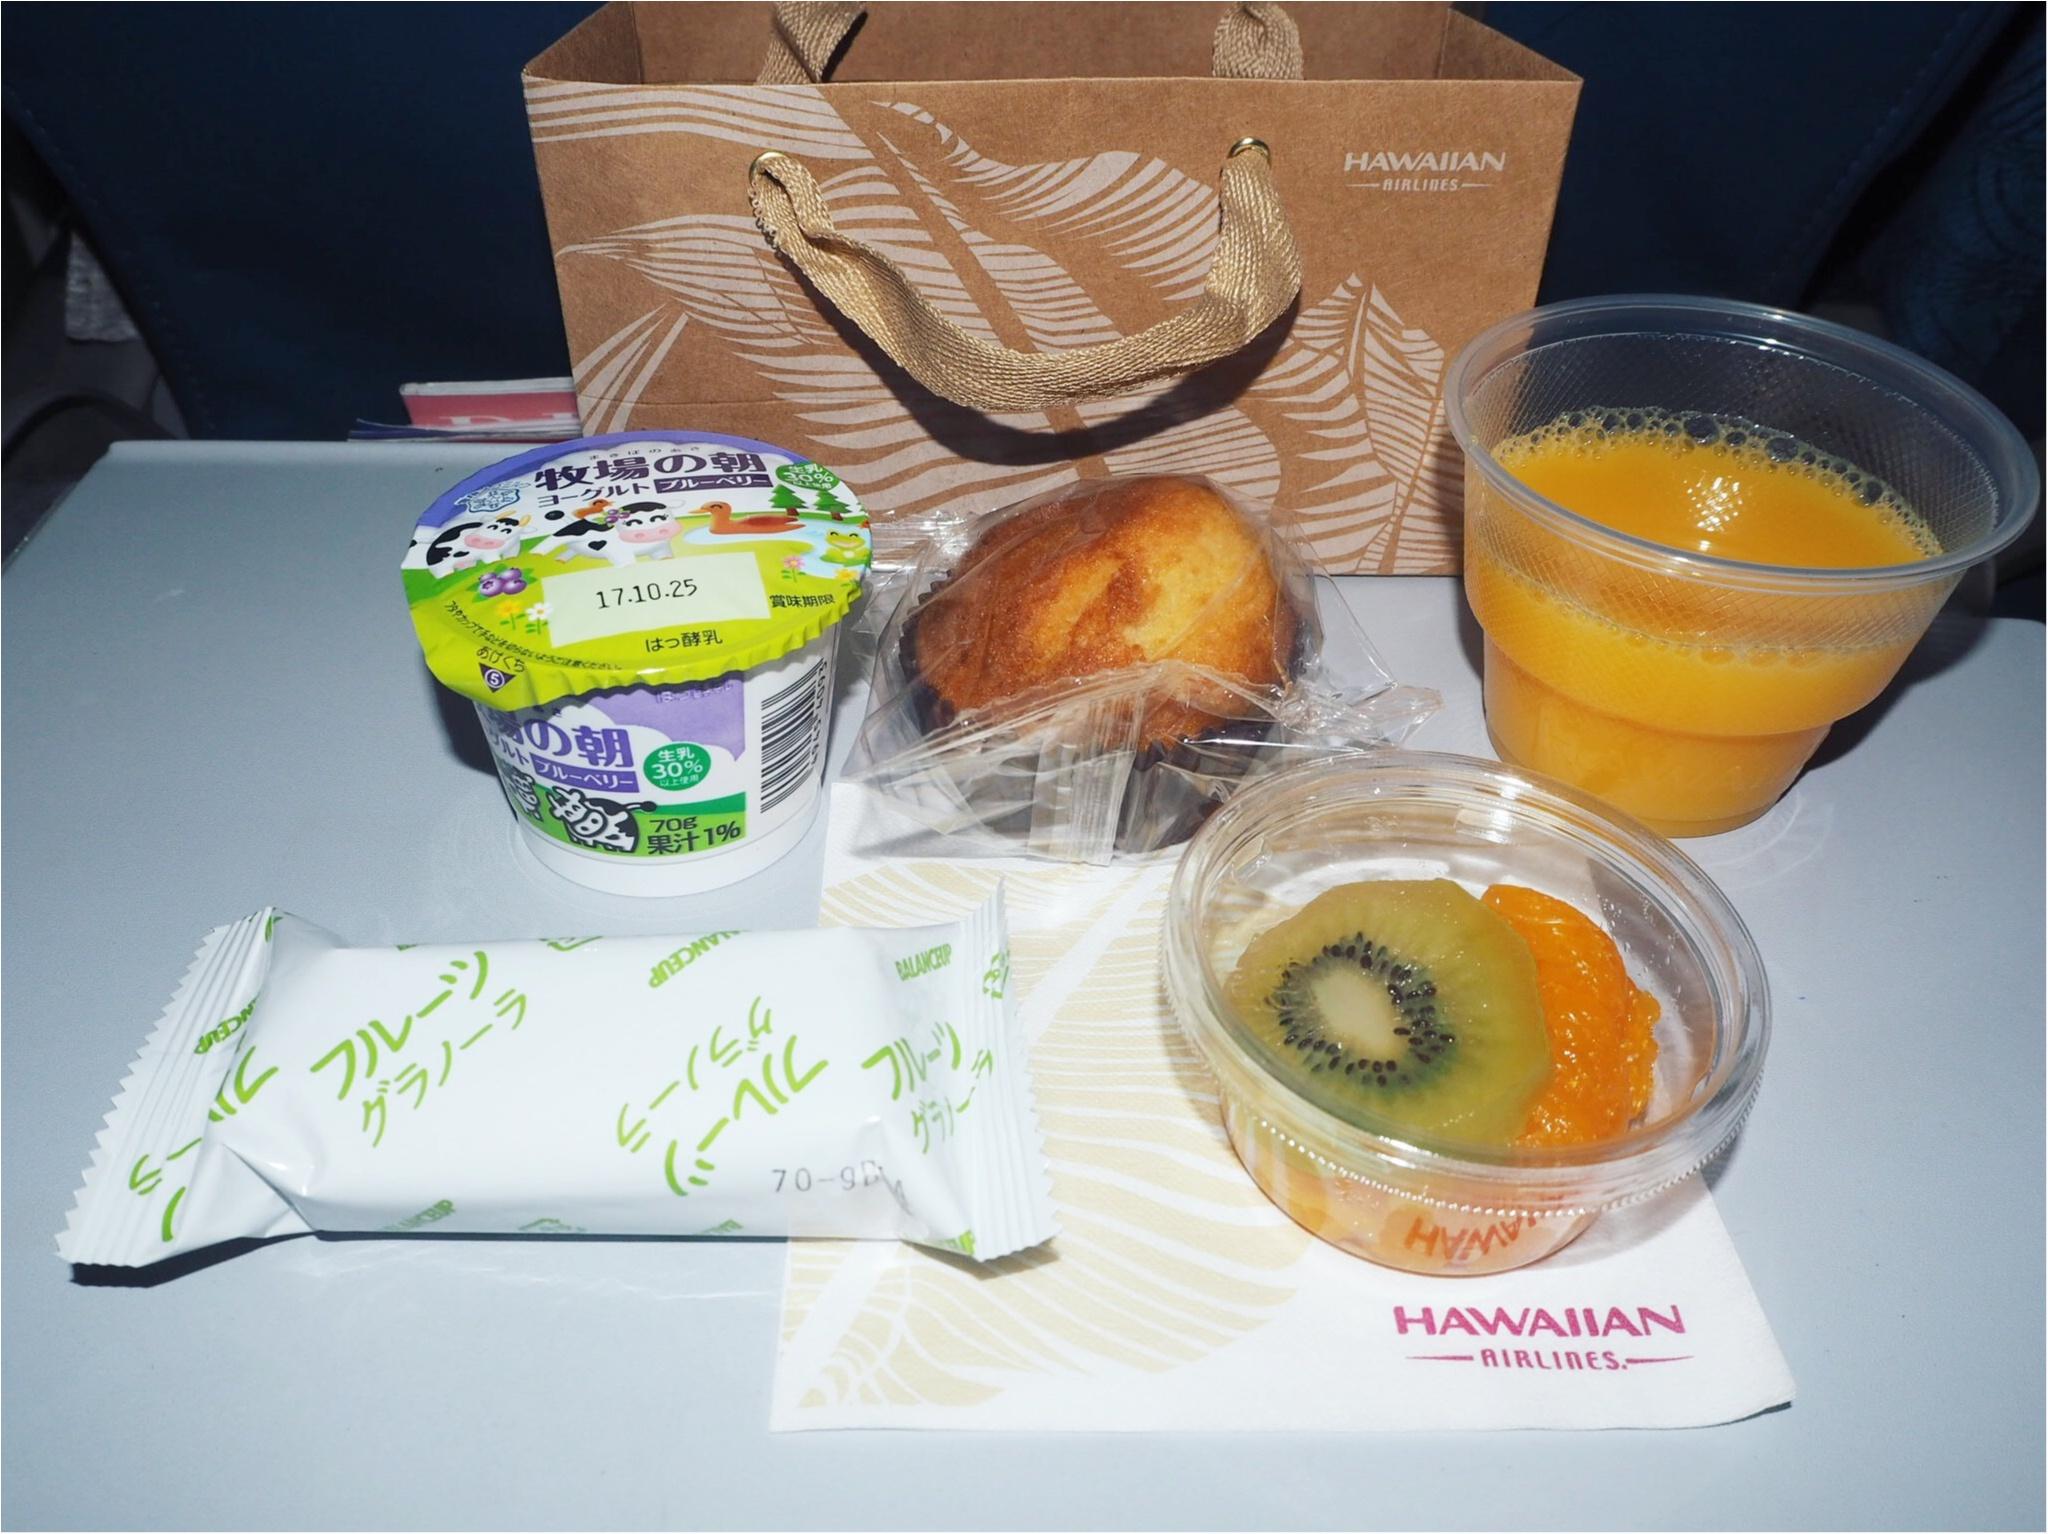 【羽田✈︎ハワイ】羽田空港のラウンジはどんな感じ?ハワイアン航空の機内食は出るの?お答えします‼︎_5